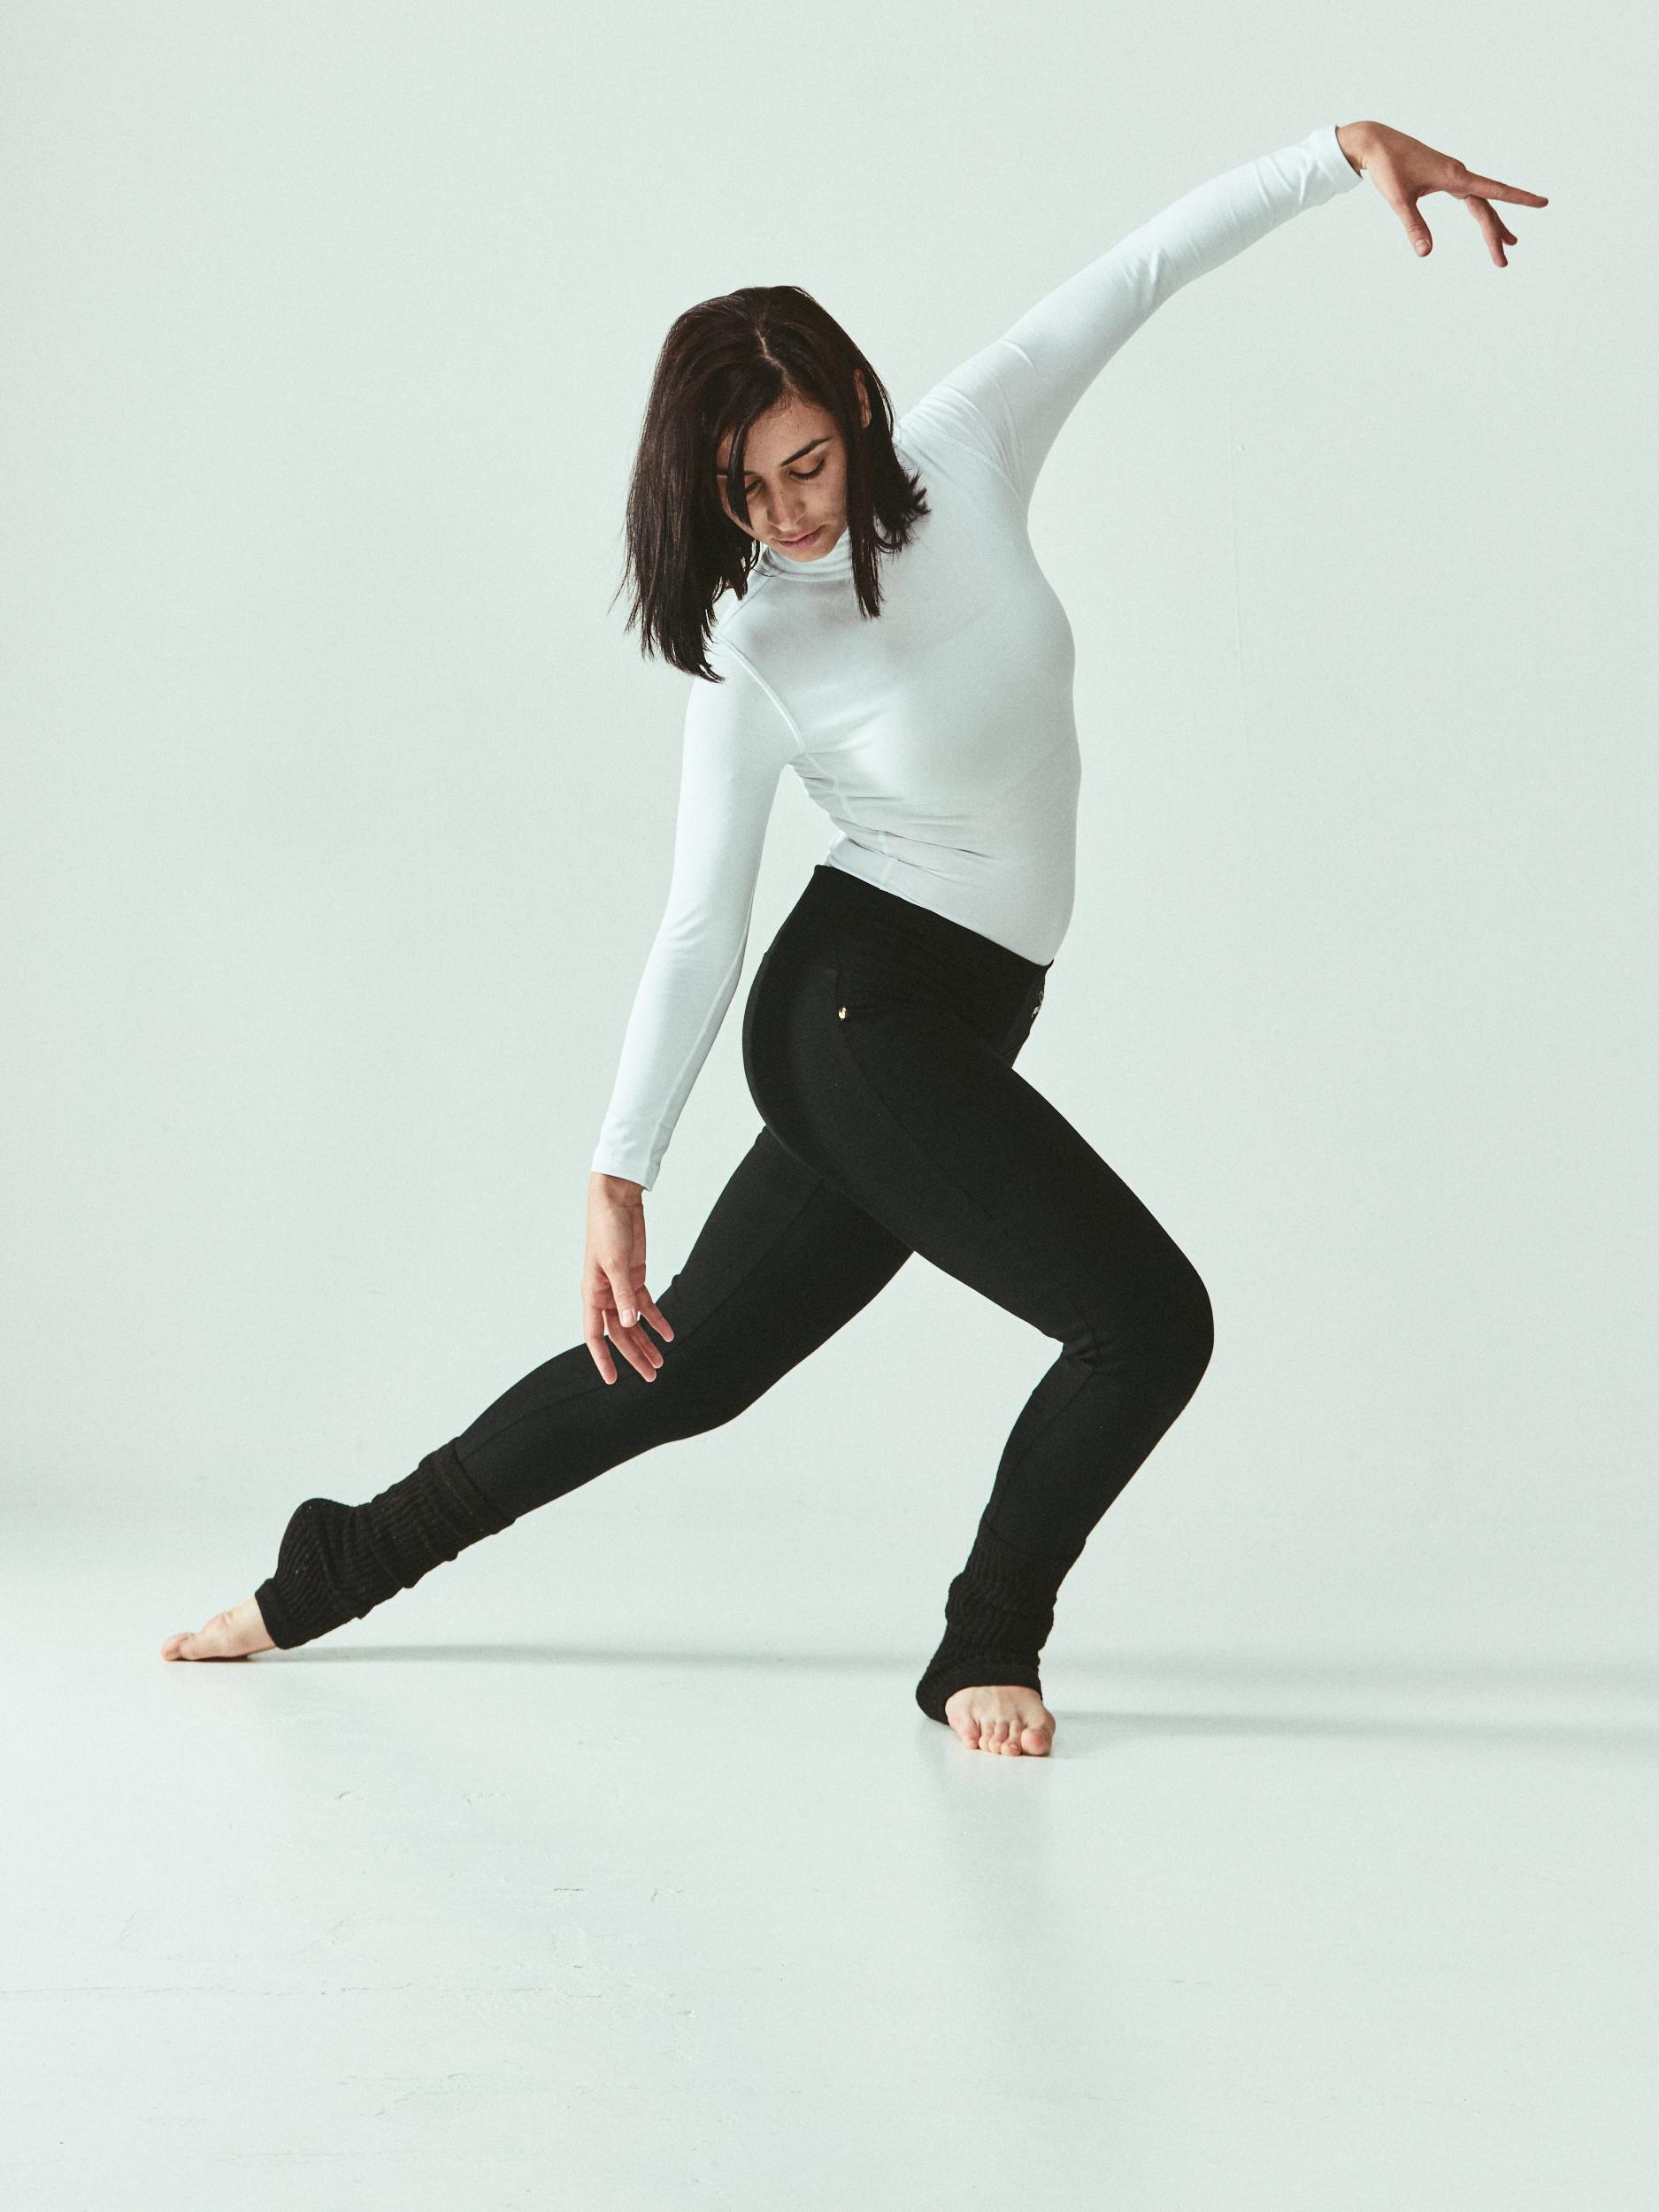 JLP_dancers_0026.jpg